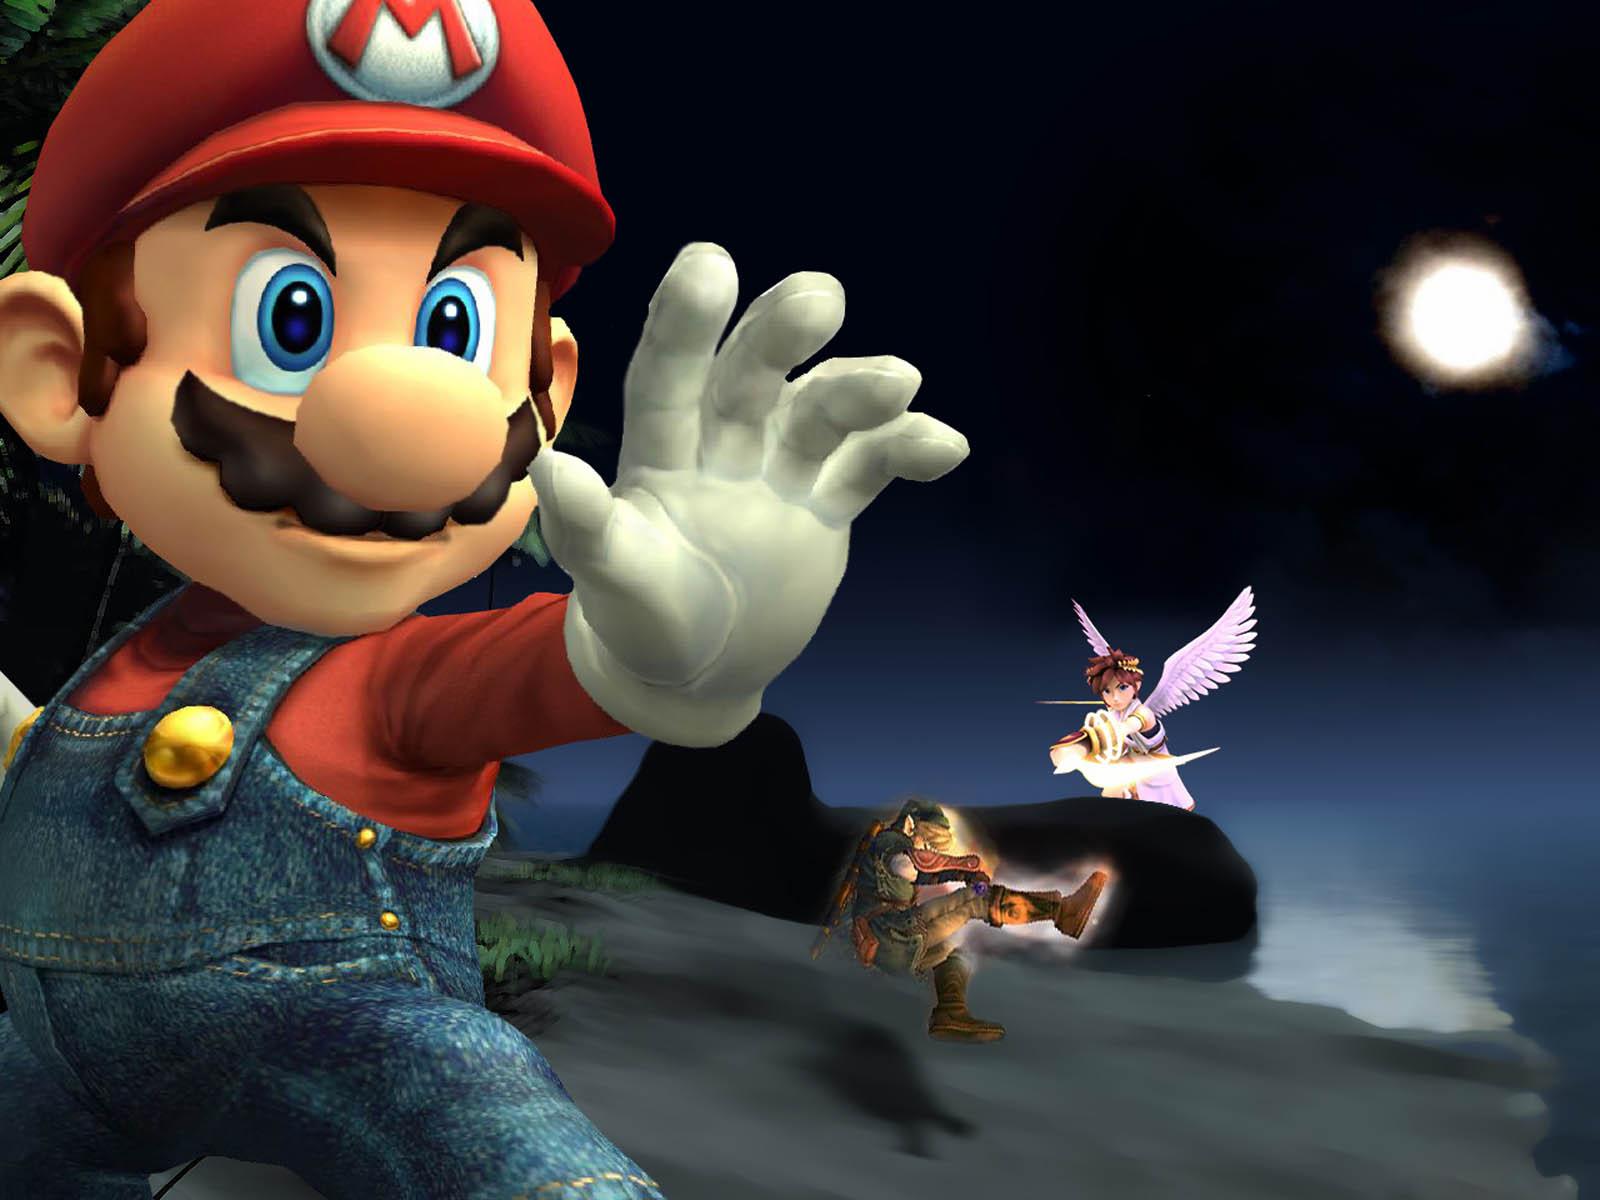 Mario Desktop Backgrounds: Wallpapers: Super Mario Wallpapers